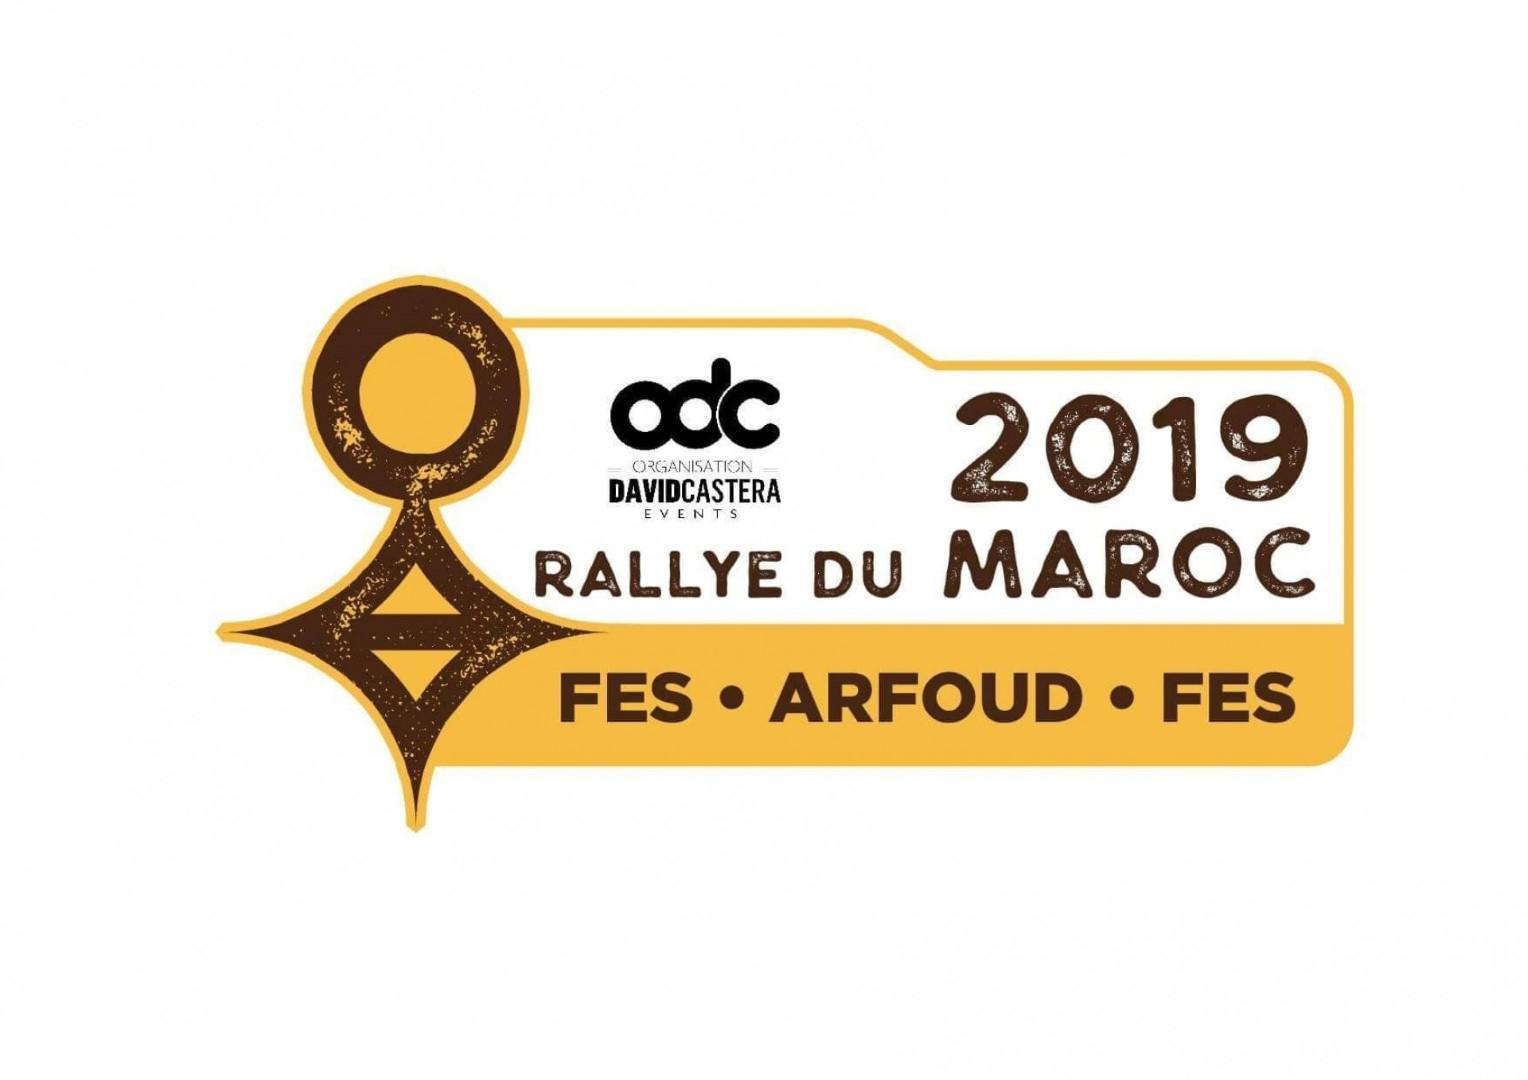 Rallye du Maroc 2019: la première enclenchée !!